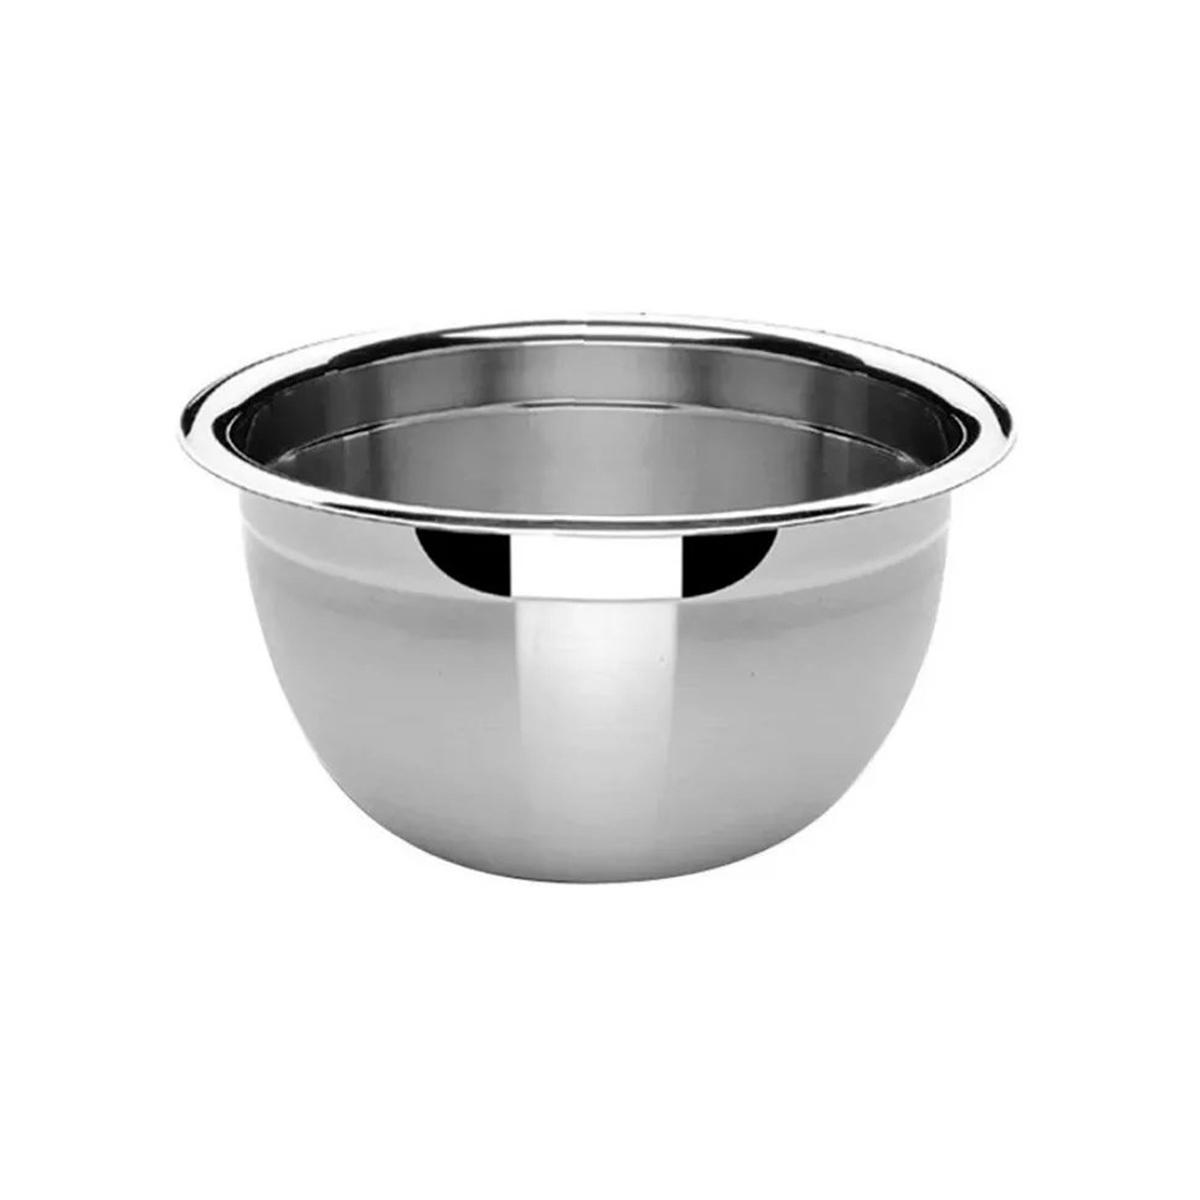 3 Tigelas Bowl Em Aço Inox 22 Cm Pratica e Durável Facilite.ud MX-3024-3